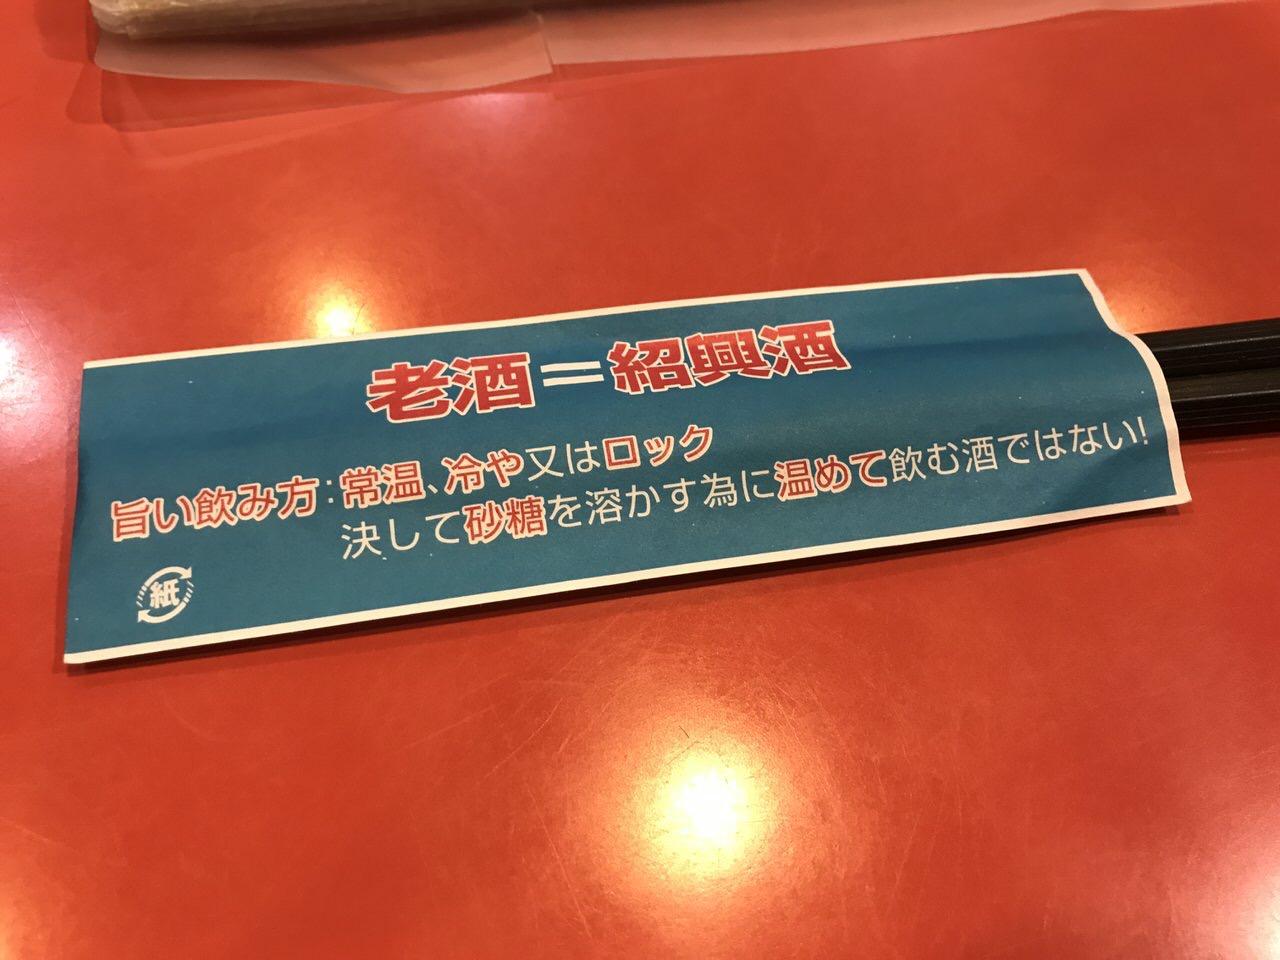 中華料理「中華街」吉祥寺 13